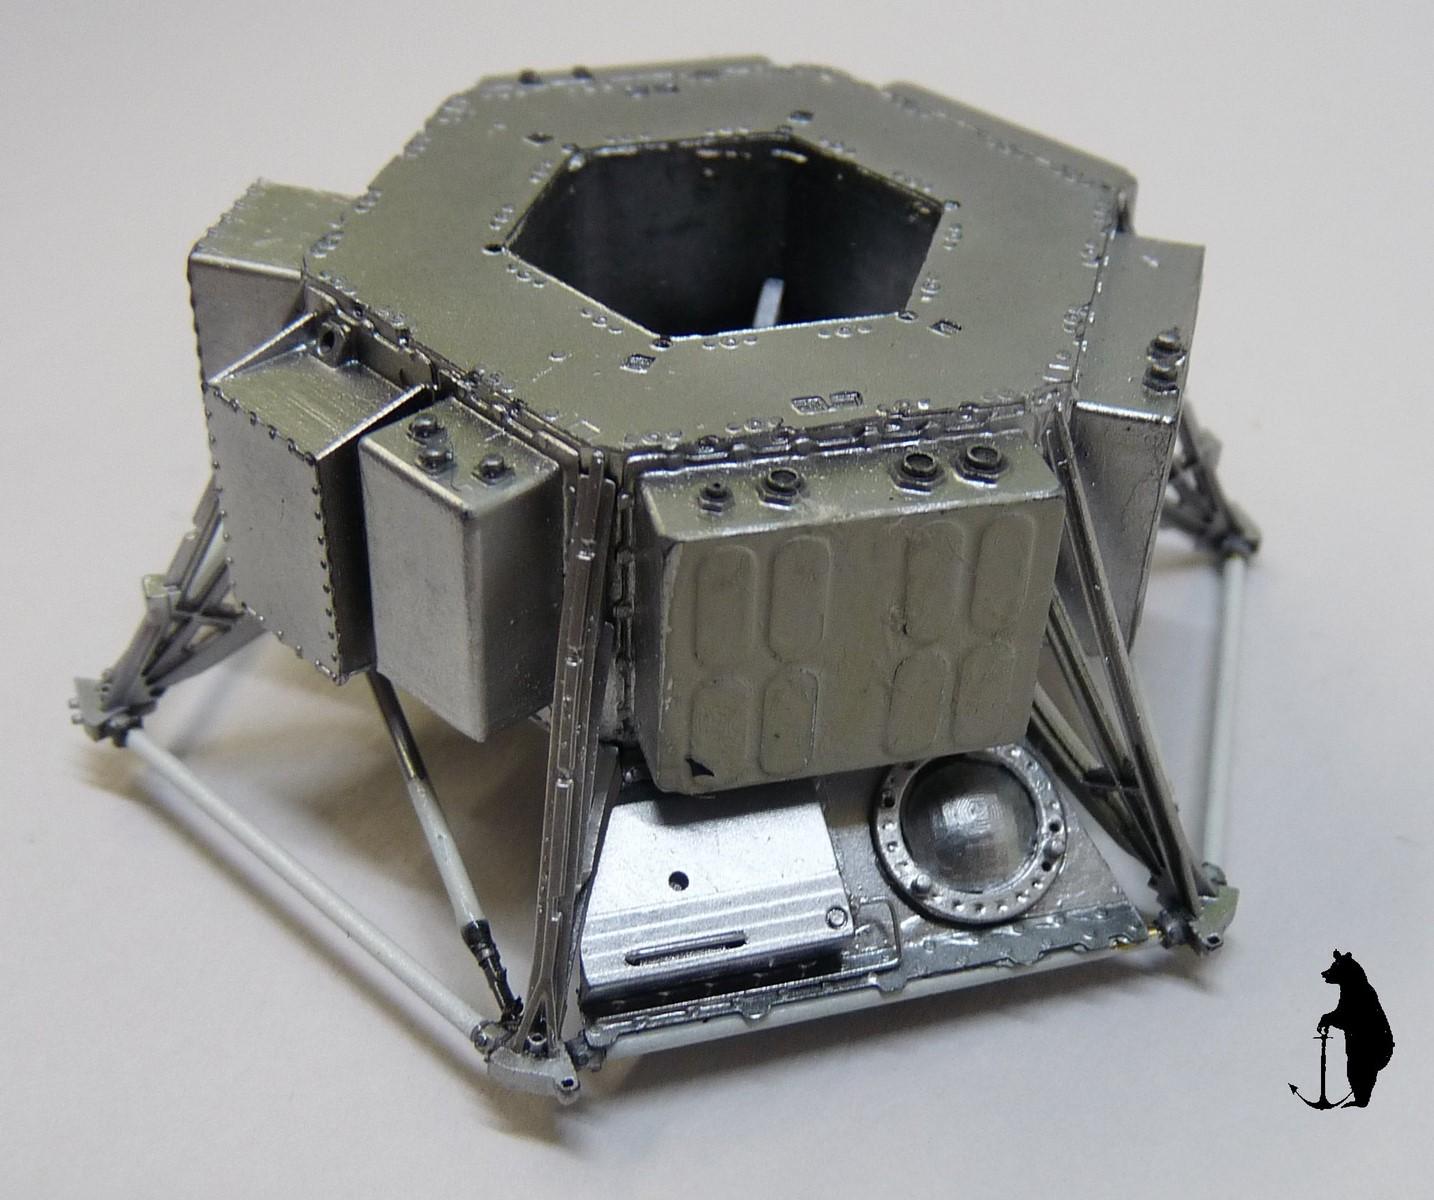 Crash-test planétaire : la sonde lunaire Ranger 8 au 1/24e 17072103223523134915160145